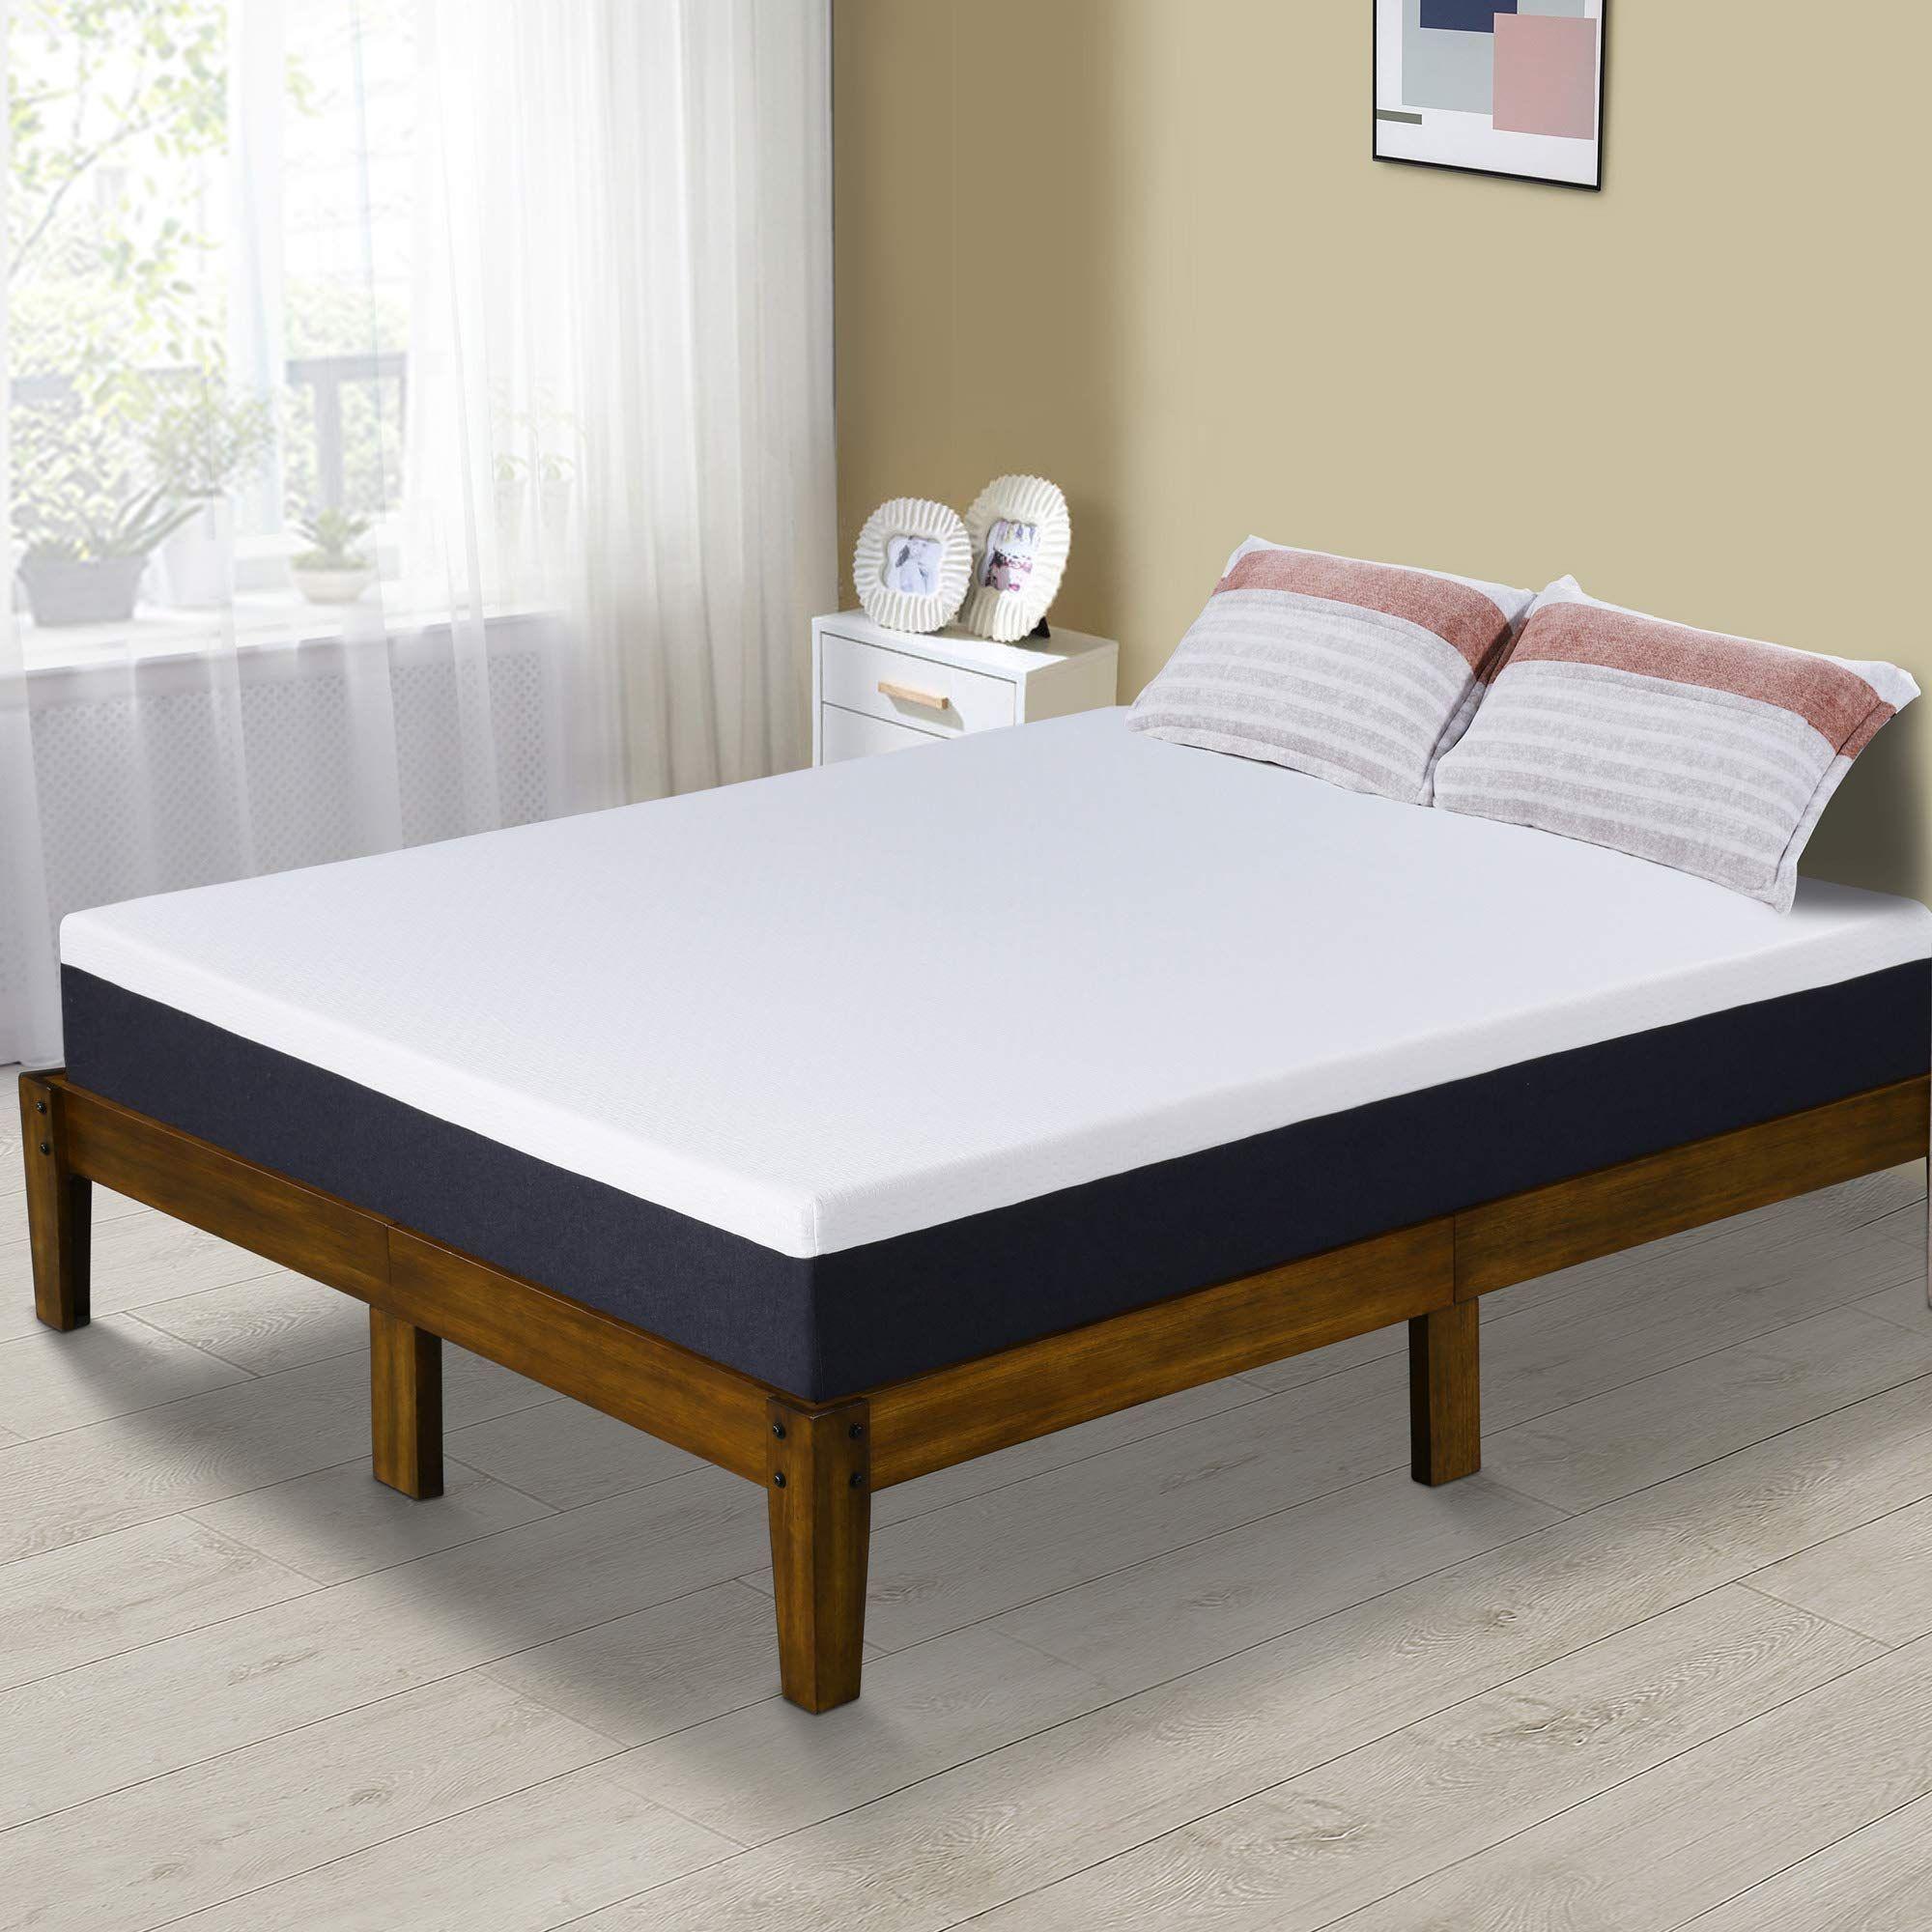 Primasleep Modern 10 Inch Air Fl Mattress Bed Comforters Bed Mattress